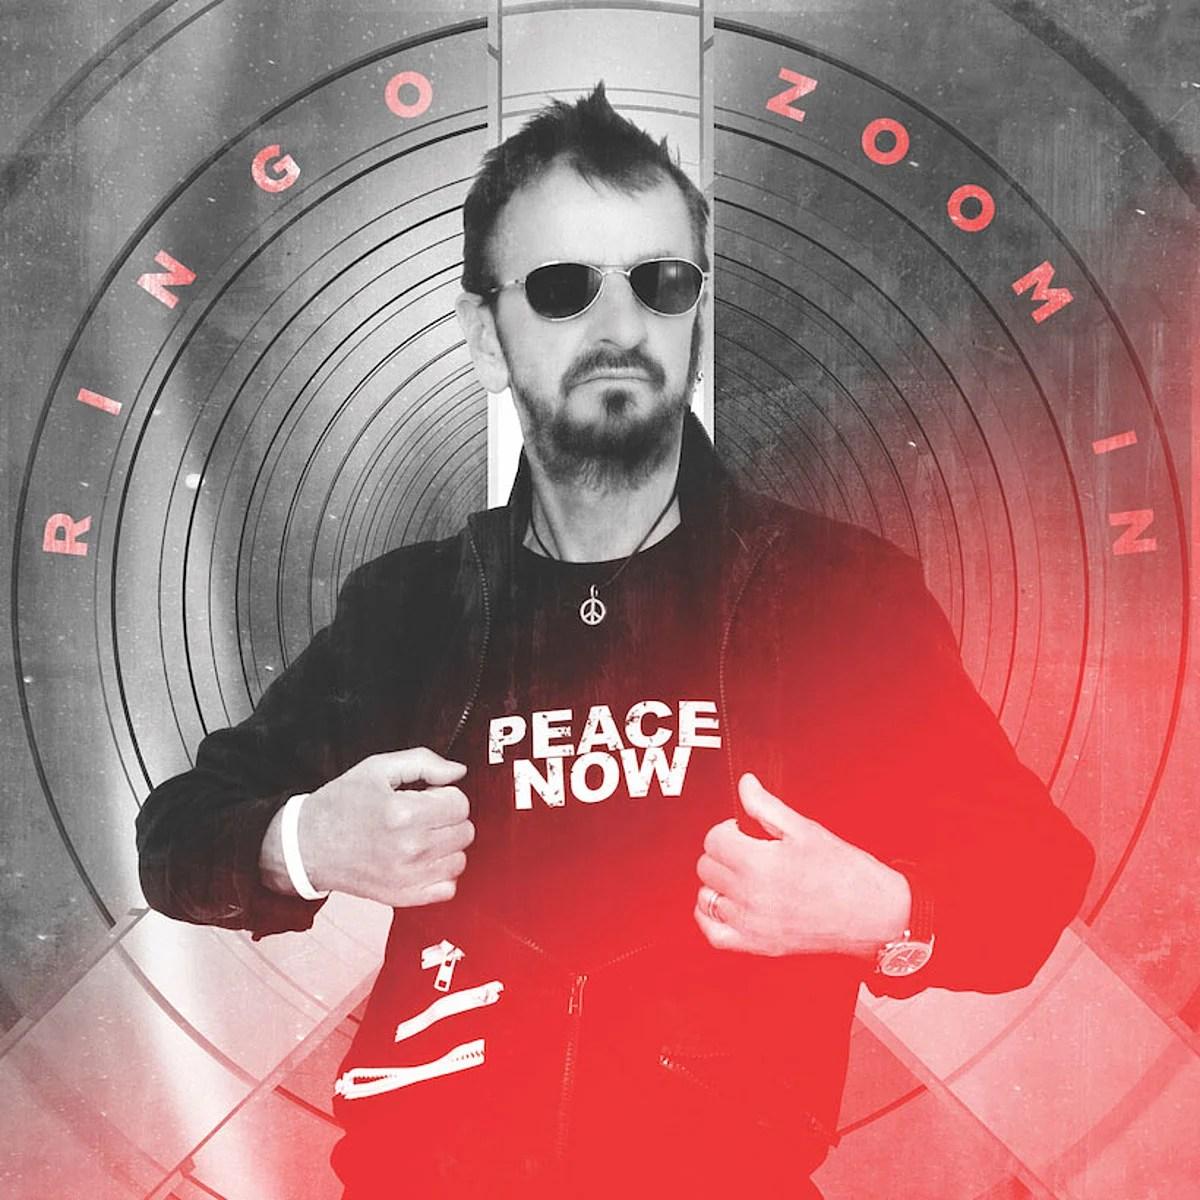 La Nueva canción (single) de Ringo Starr sorprende a fans